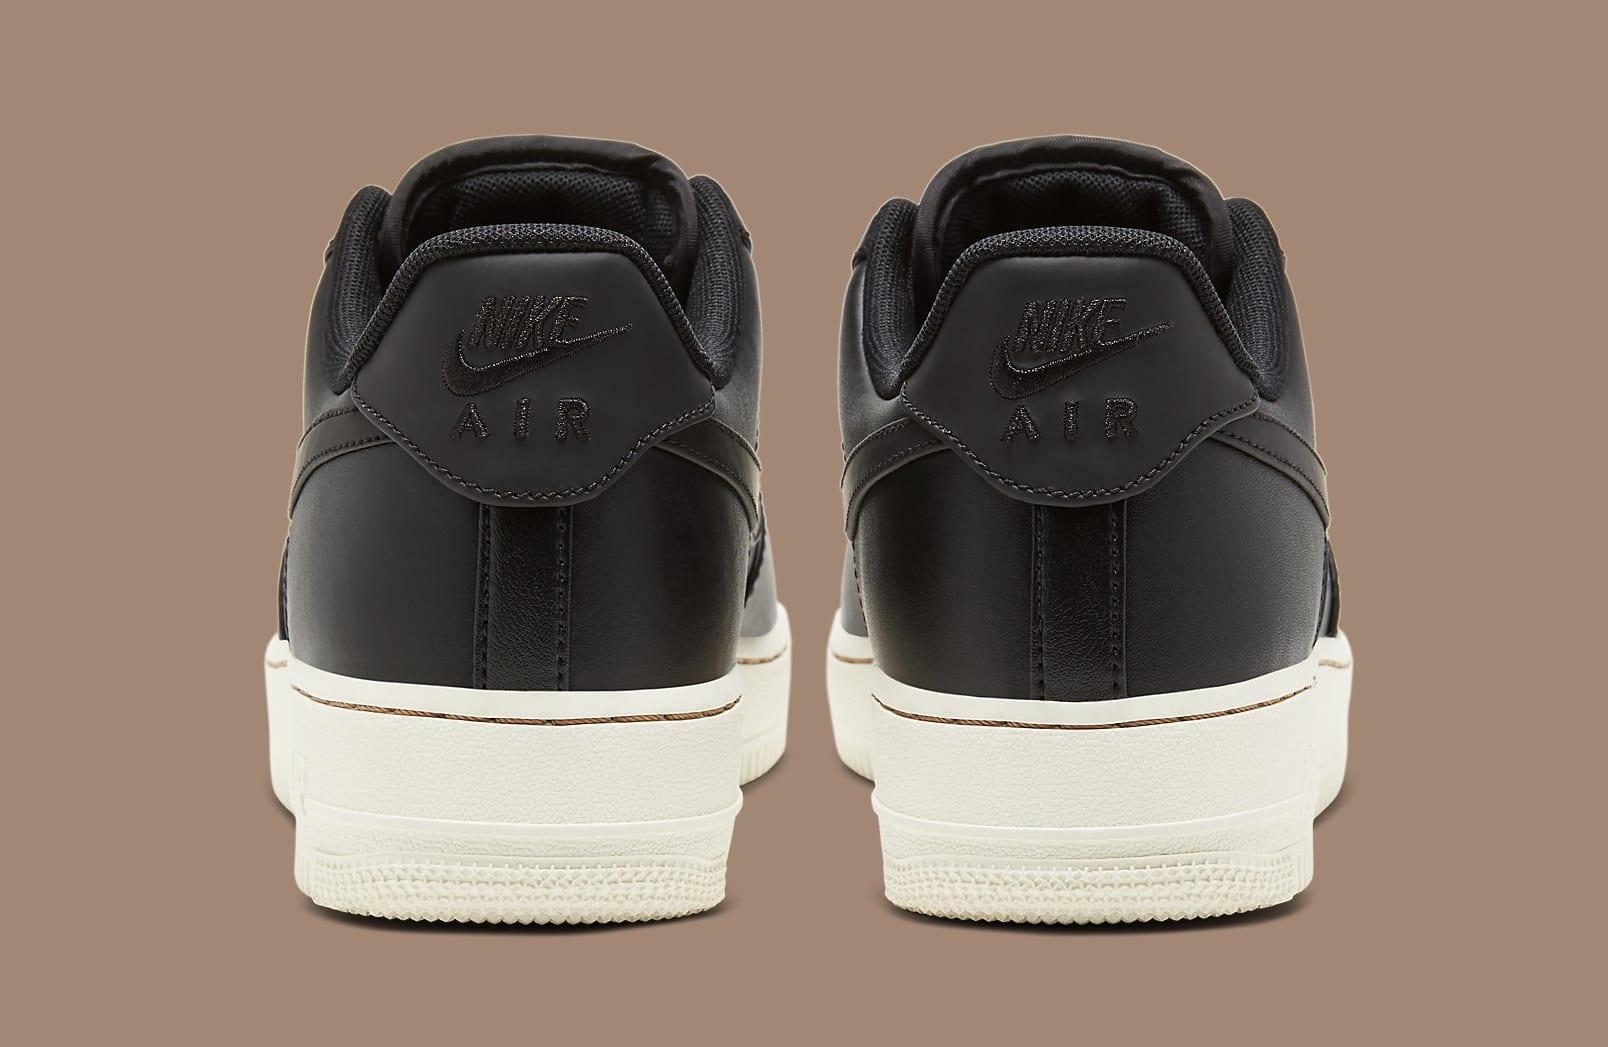 nike-air-force-1-low-black-pack-cu6675-001-heel